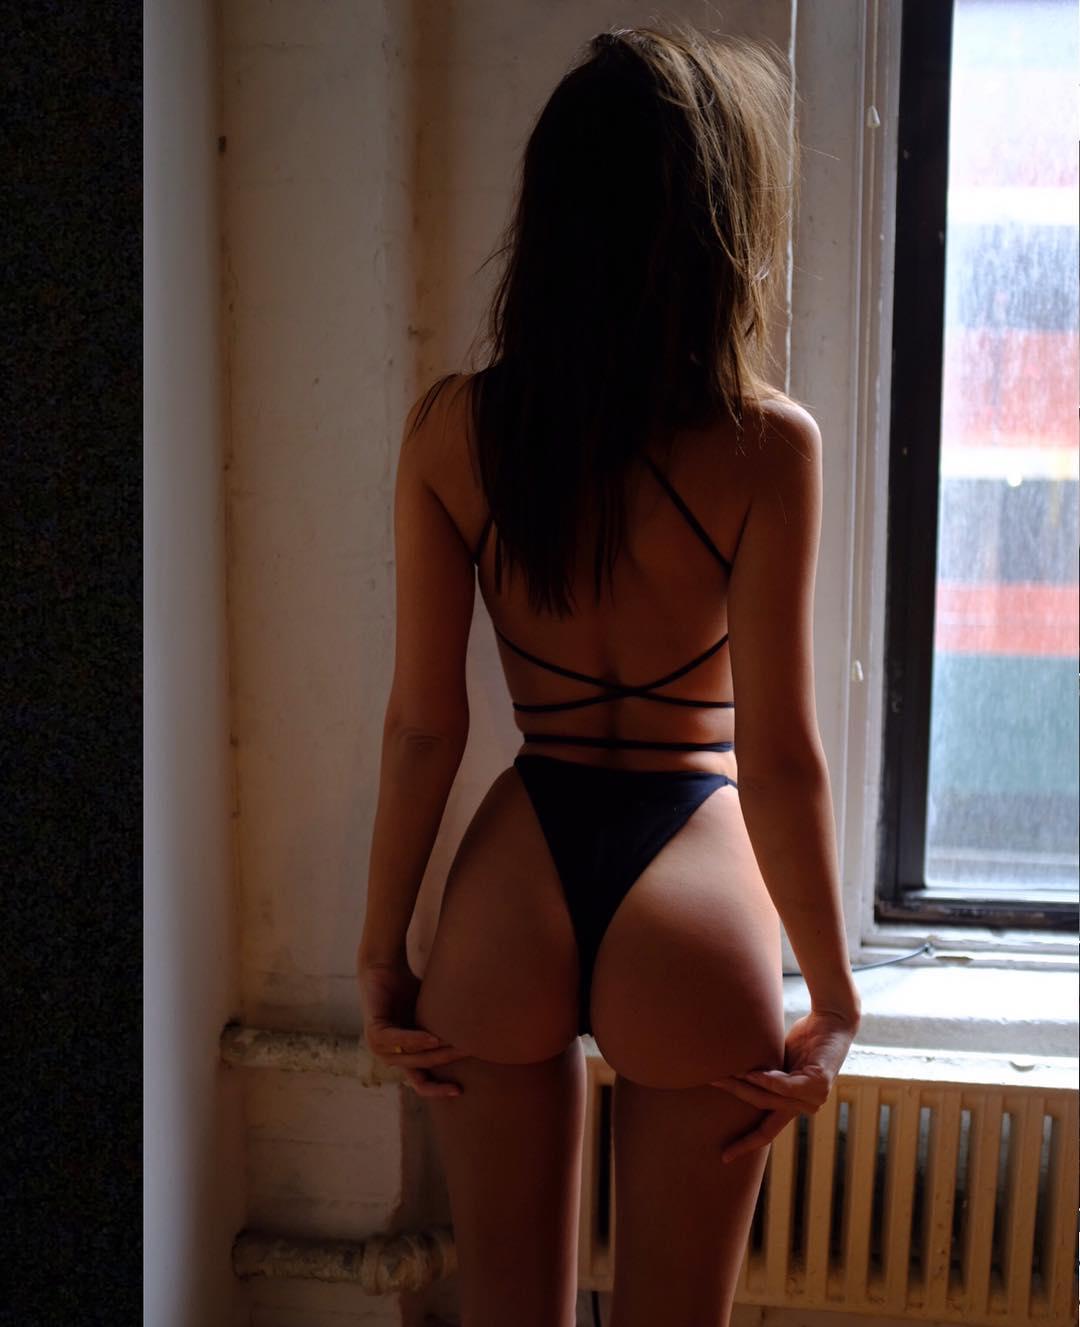 Эмилия Ратаковски позирует топлес для Instagram